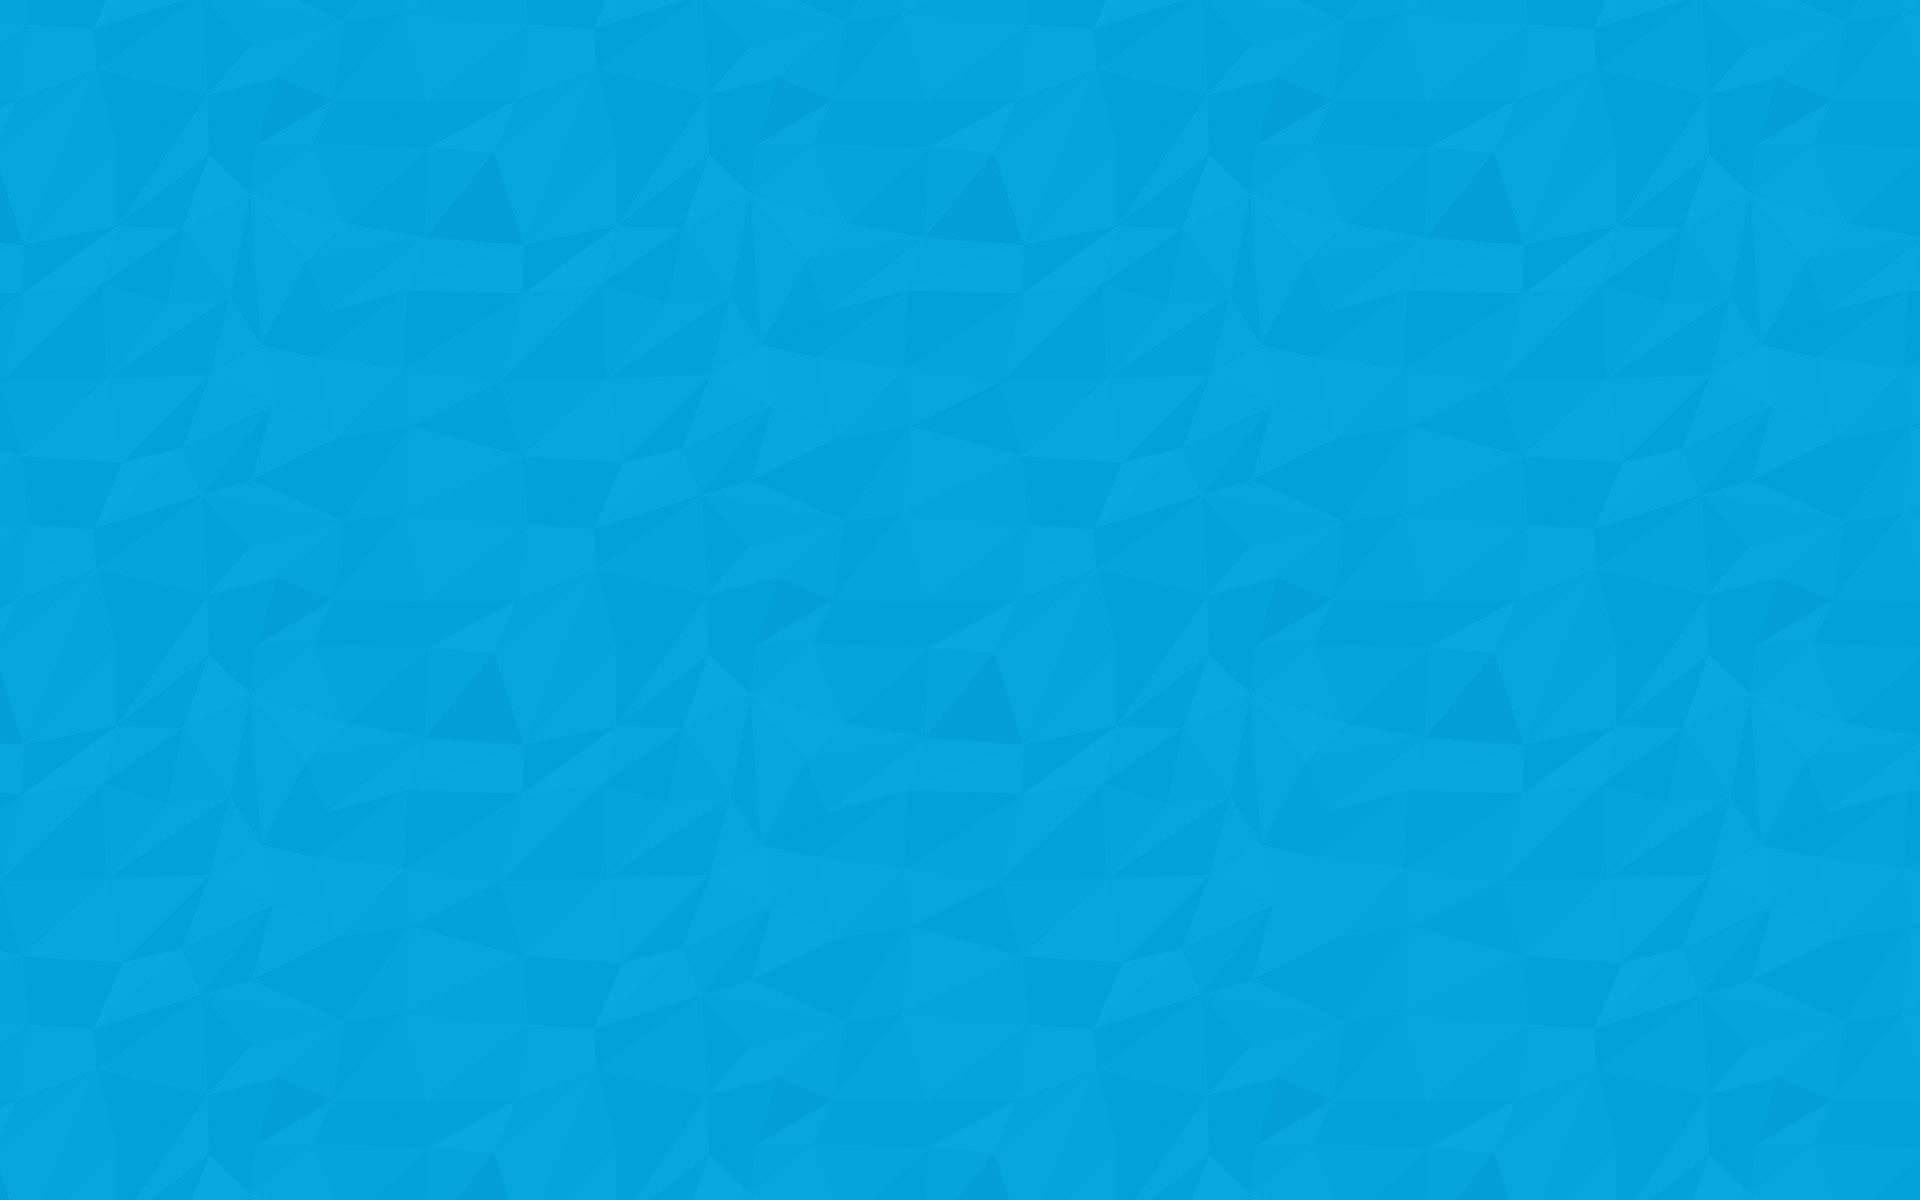 Luftbildcrew Hintergrund Blau Luftbild Crew